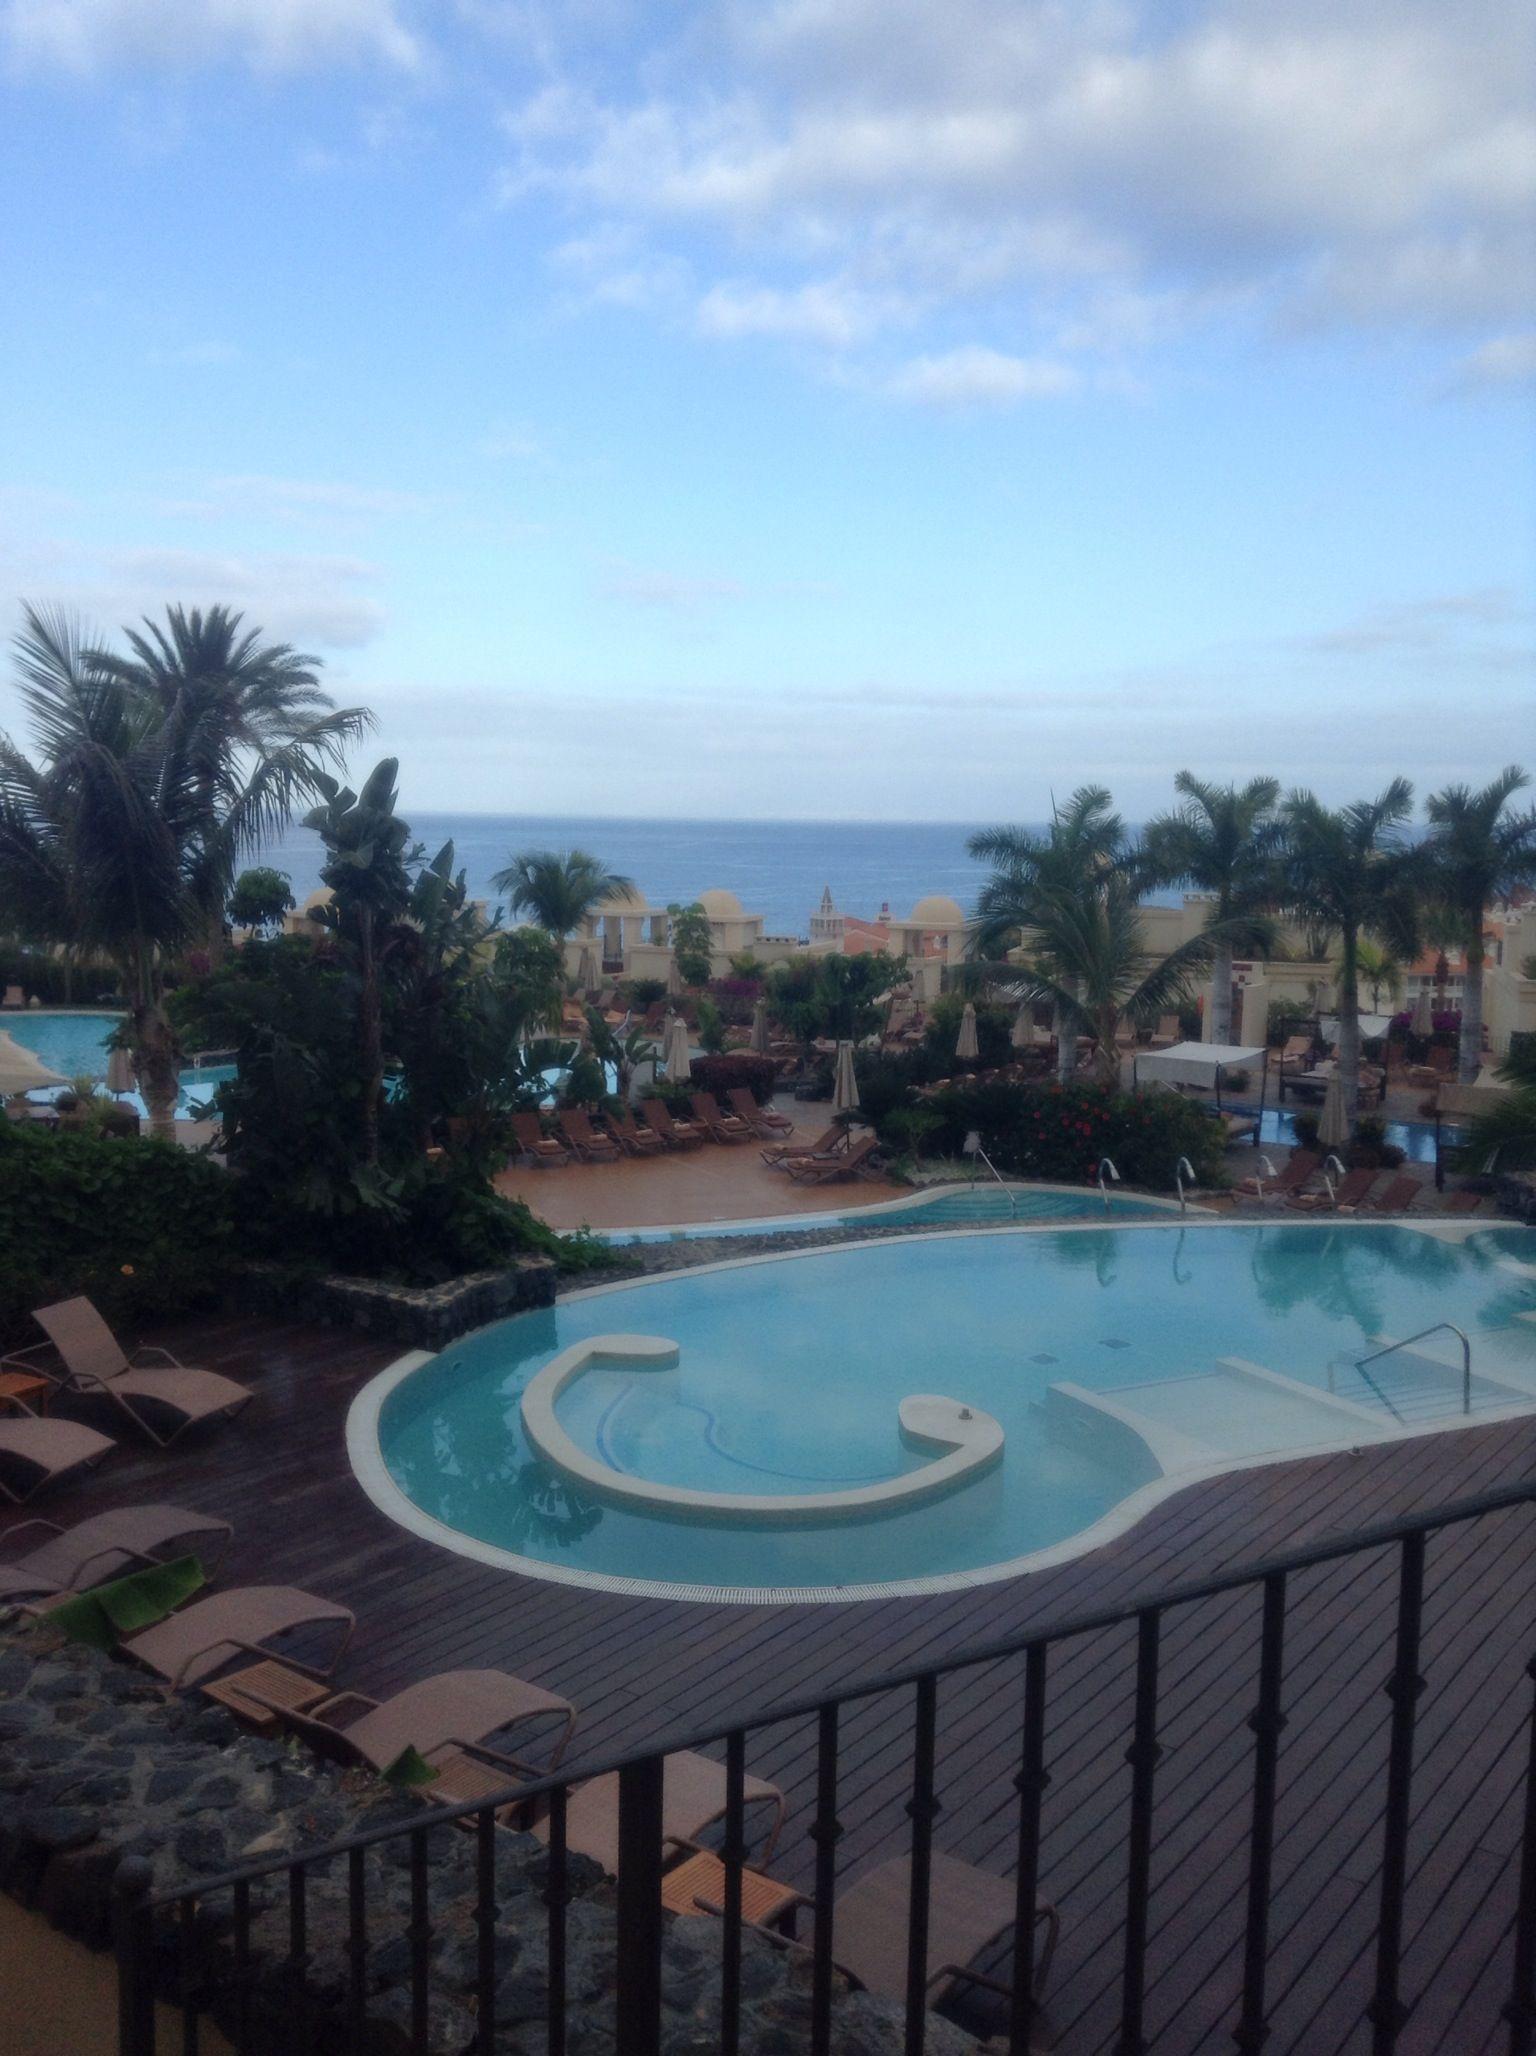 Tenerife hotel la plantación del sur Tenerife, Hotel